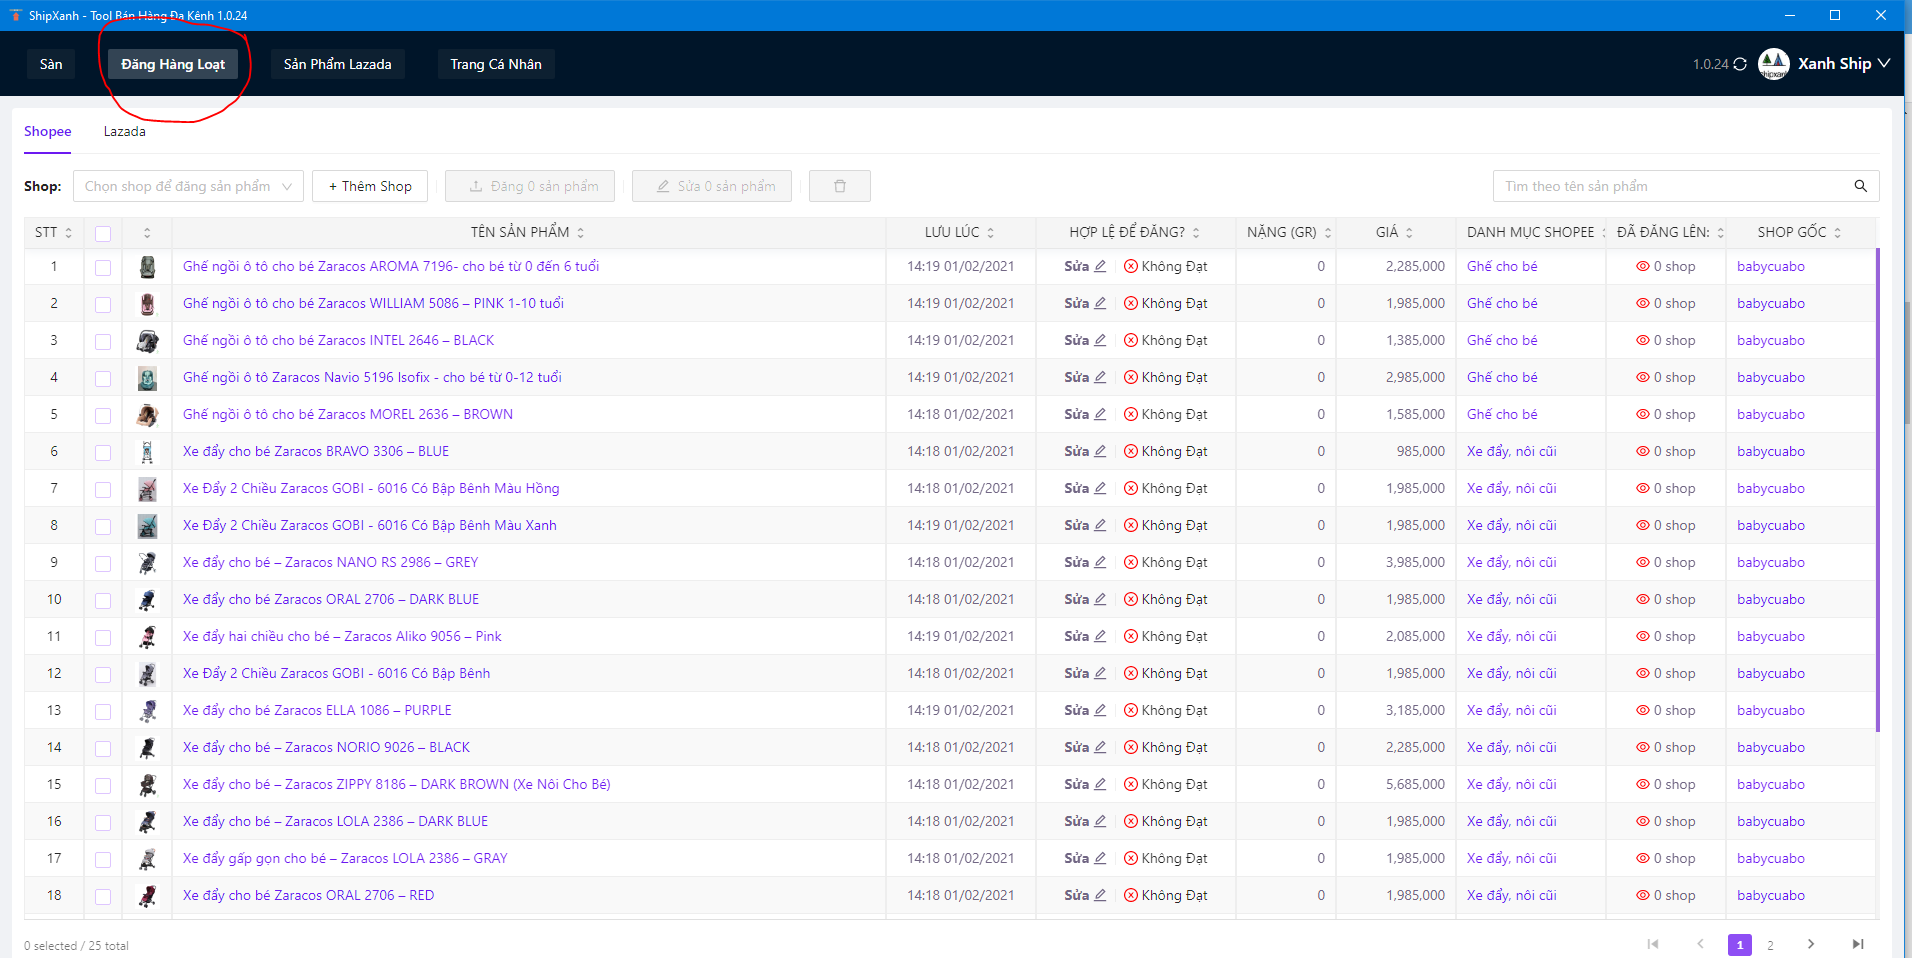 Hướng dẫn copy sản phẩm Shopee, nhân bản Shopee, backup Shopee